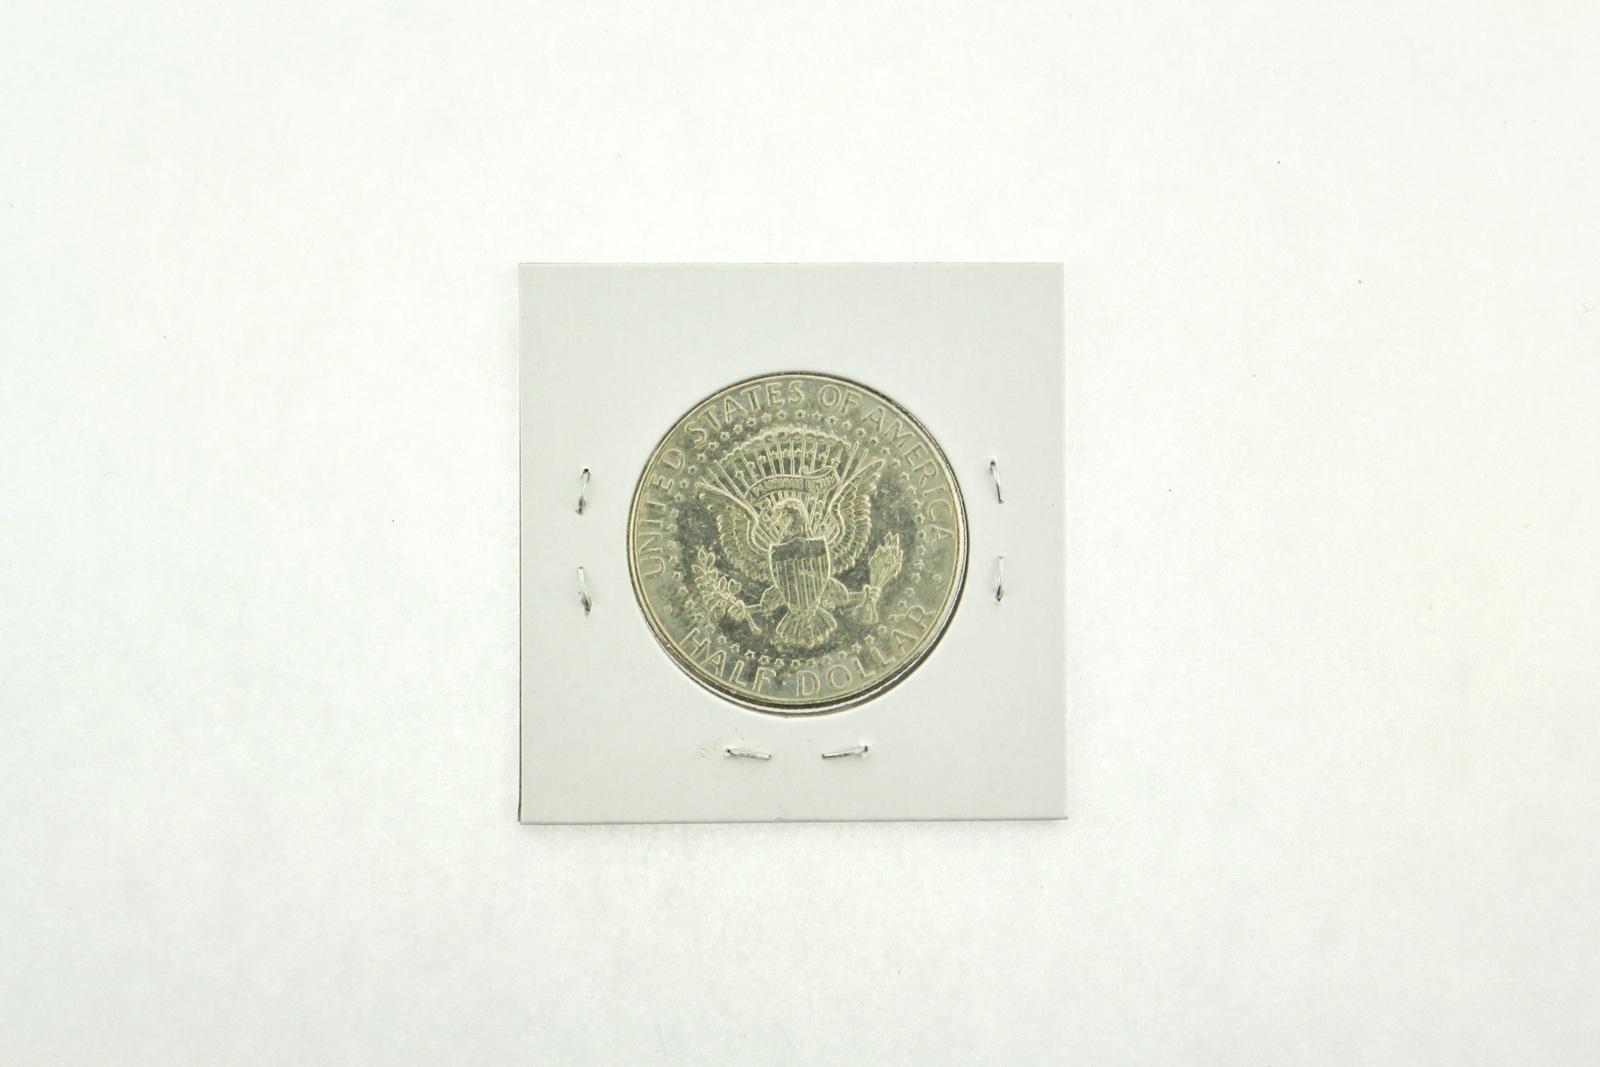 1998-P Kennedy Half Dollar (F)  Fine N2-3967-1